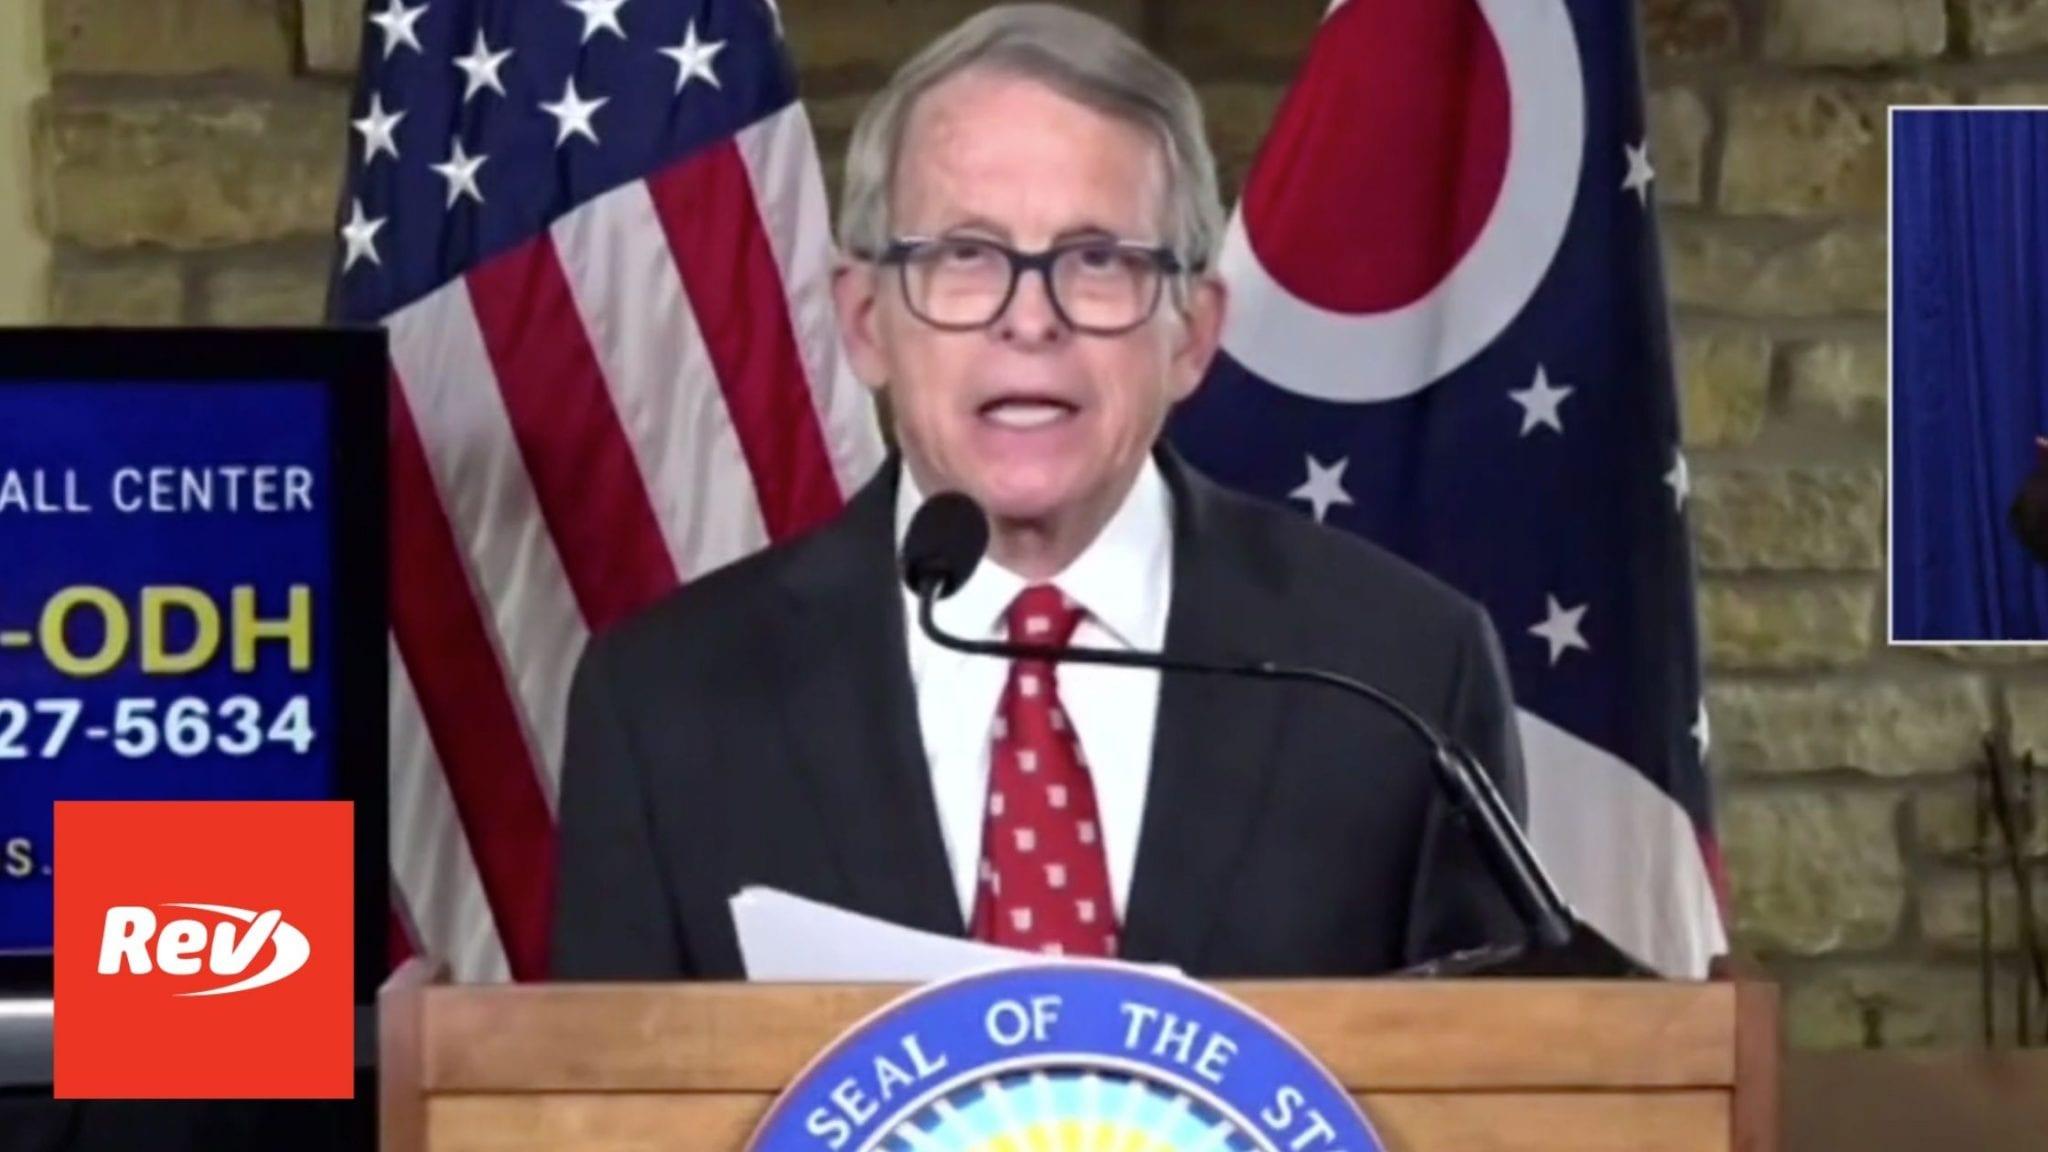 Ohio Gov. Mike DeWine COVID-19 Press Conference Transcript March 11